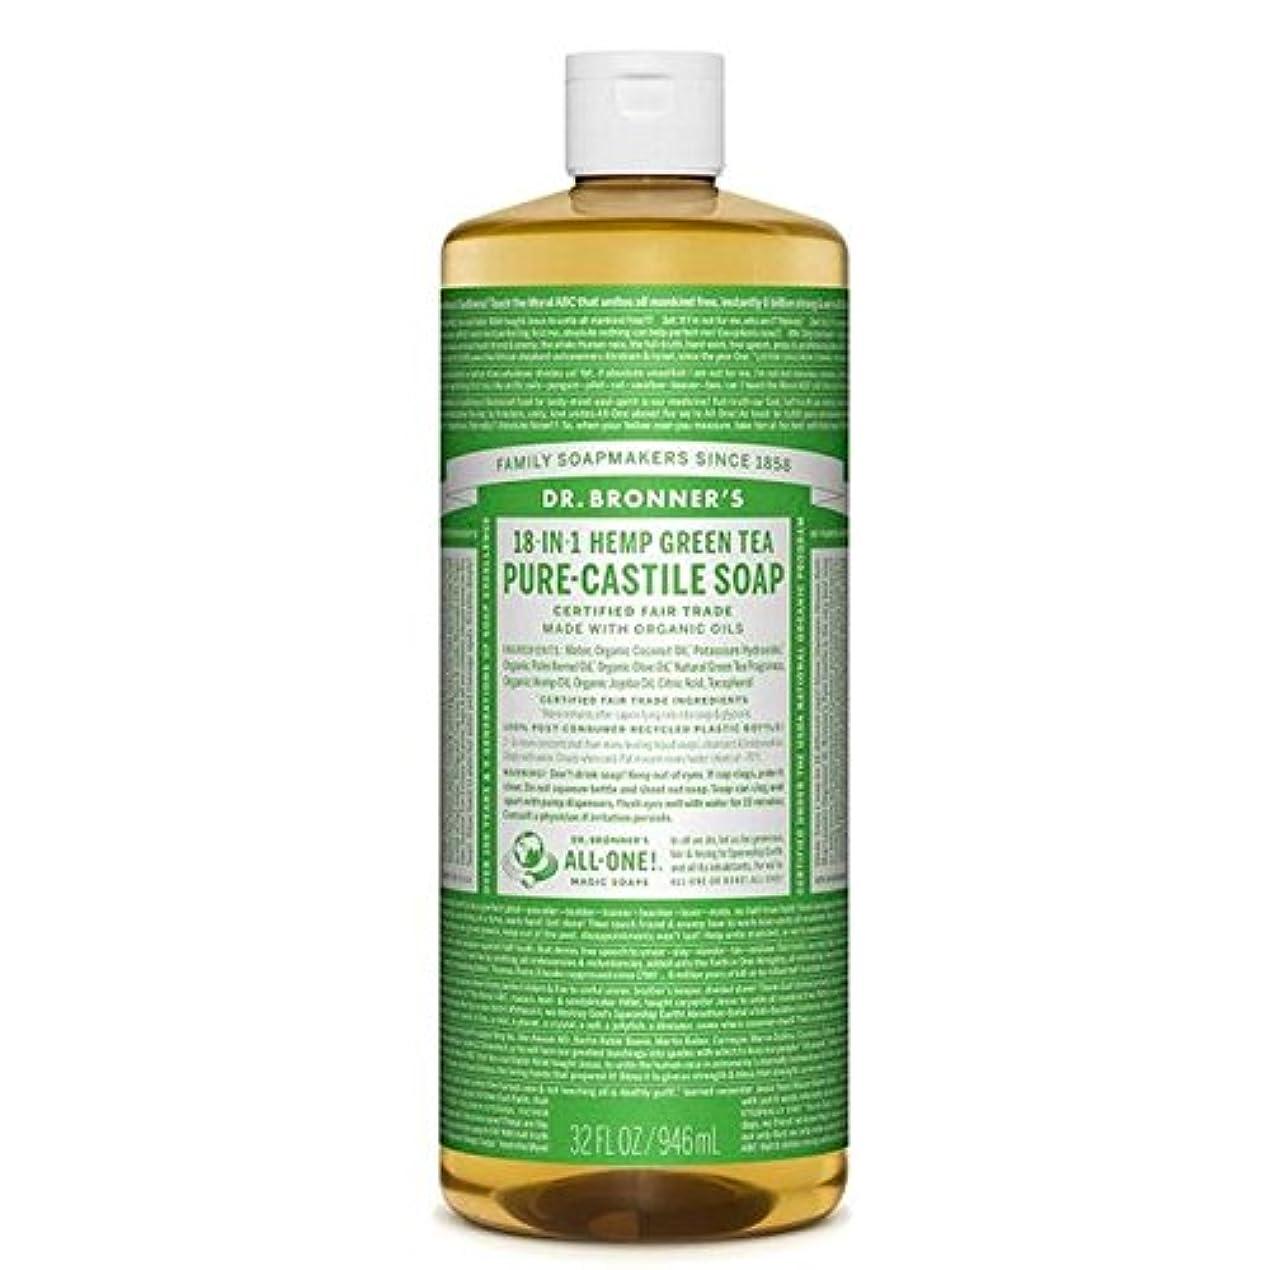 音楽を聴く警告する仕様Dr Bronner Organic Green Tea Castile Liquid Soap 946ml - のブロナー有機緑茶カスティーリャ液体石鹸946ミリリットル [並行輸入品]